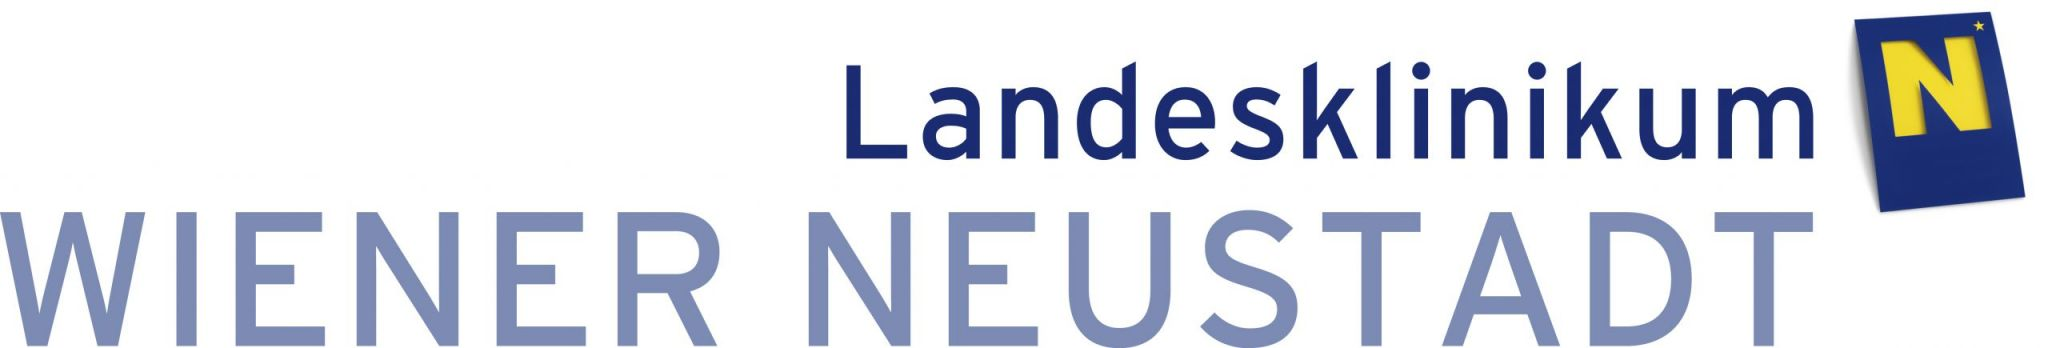 Landesklinikum Wiener Neustadt